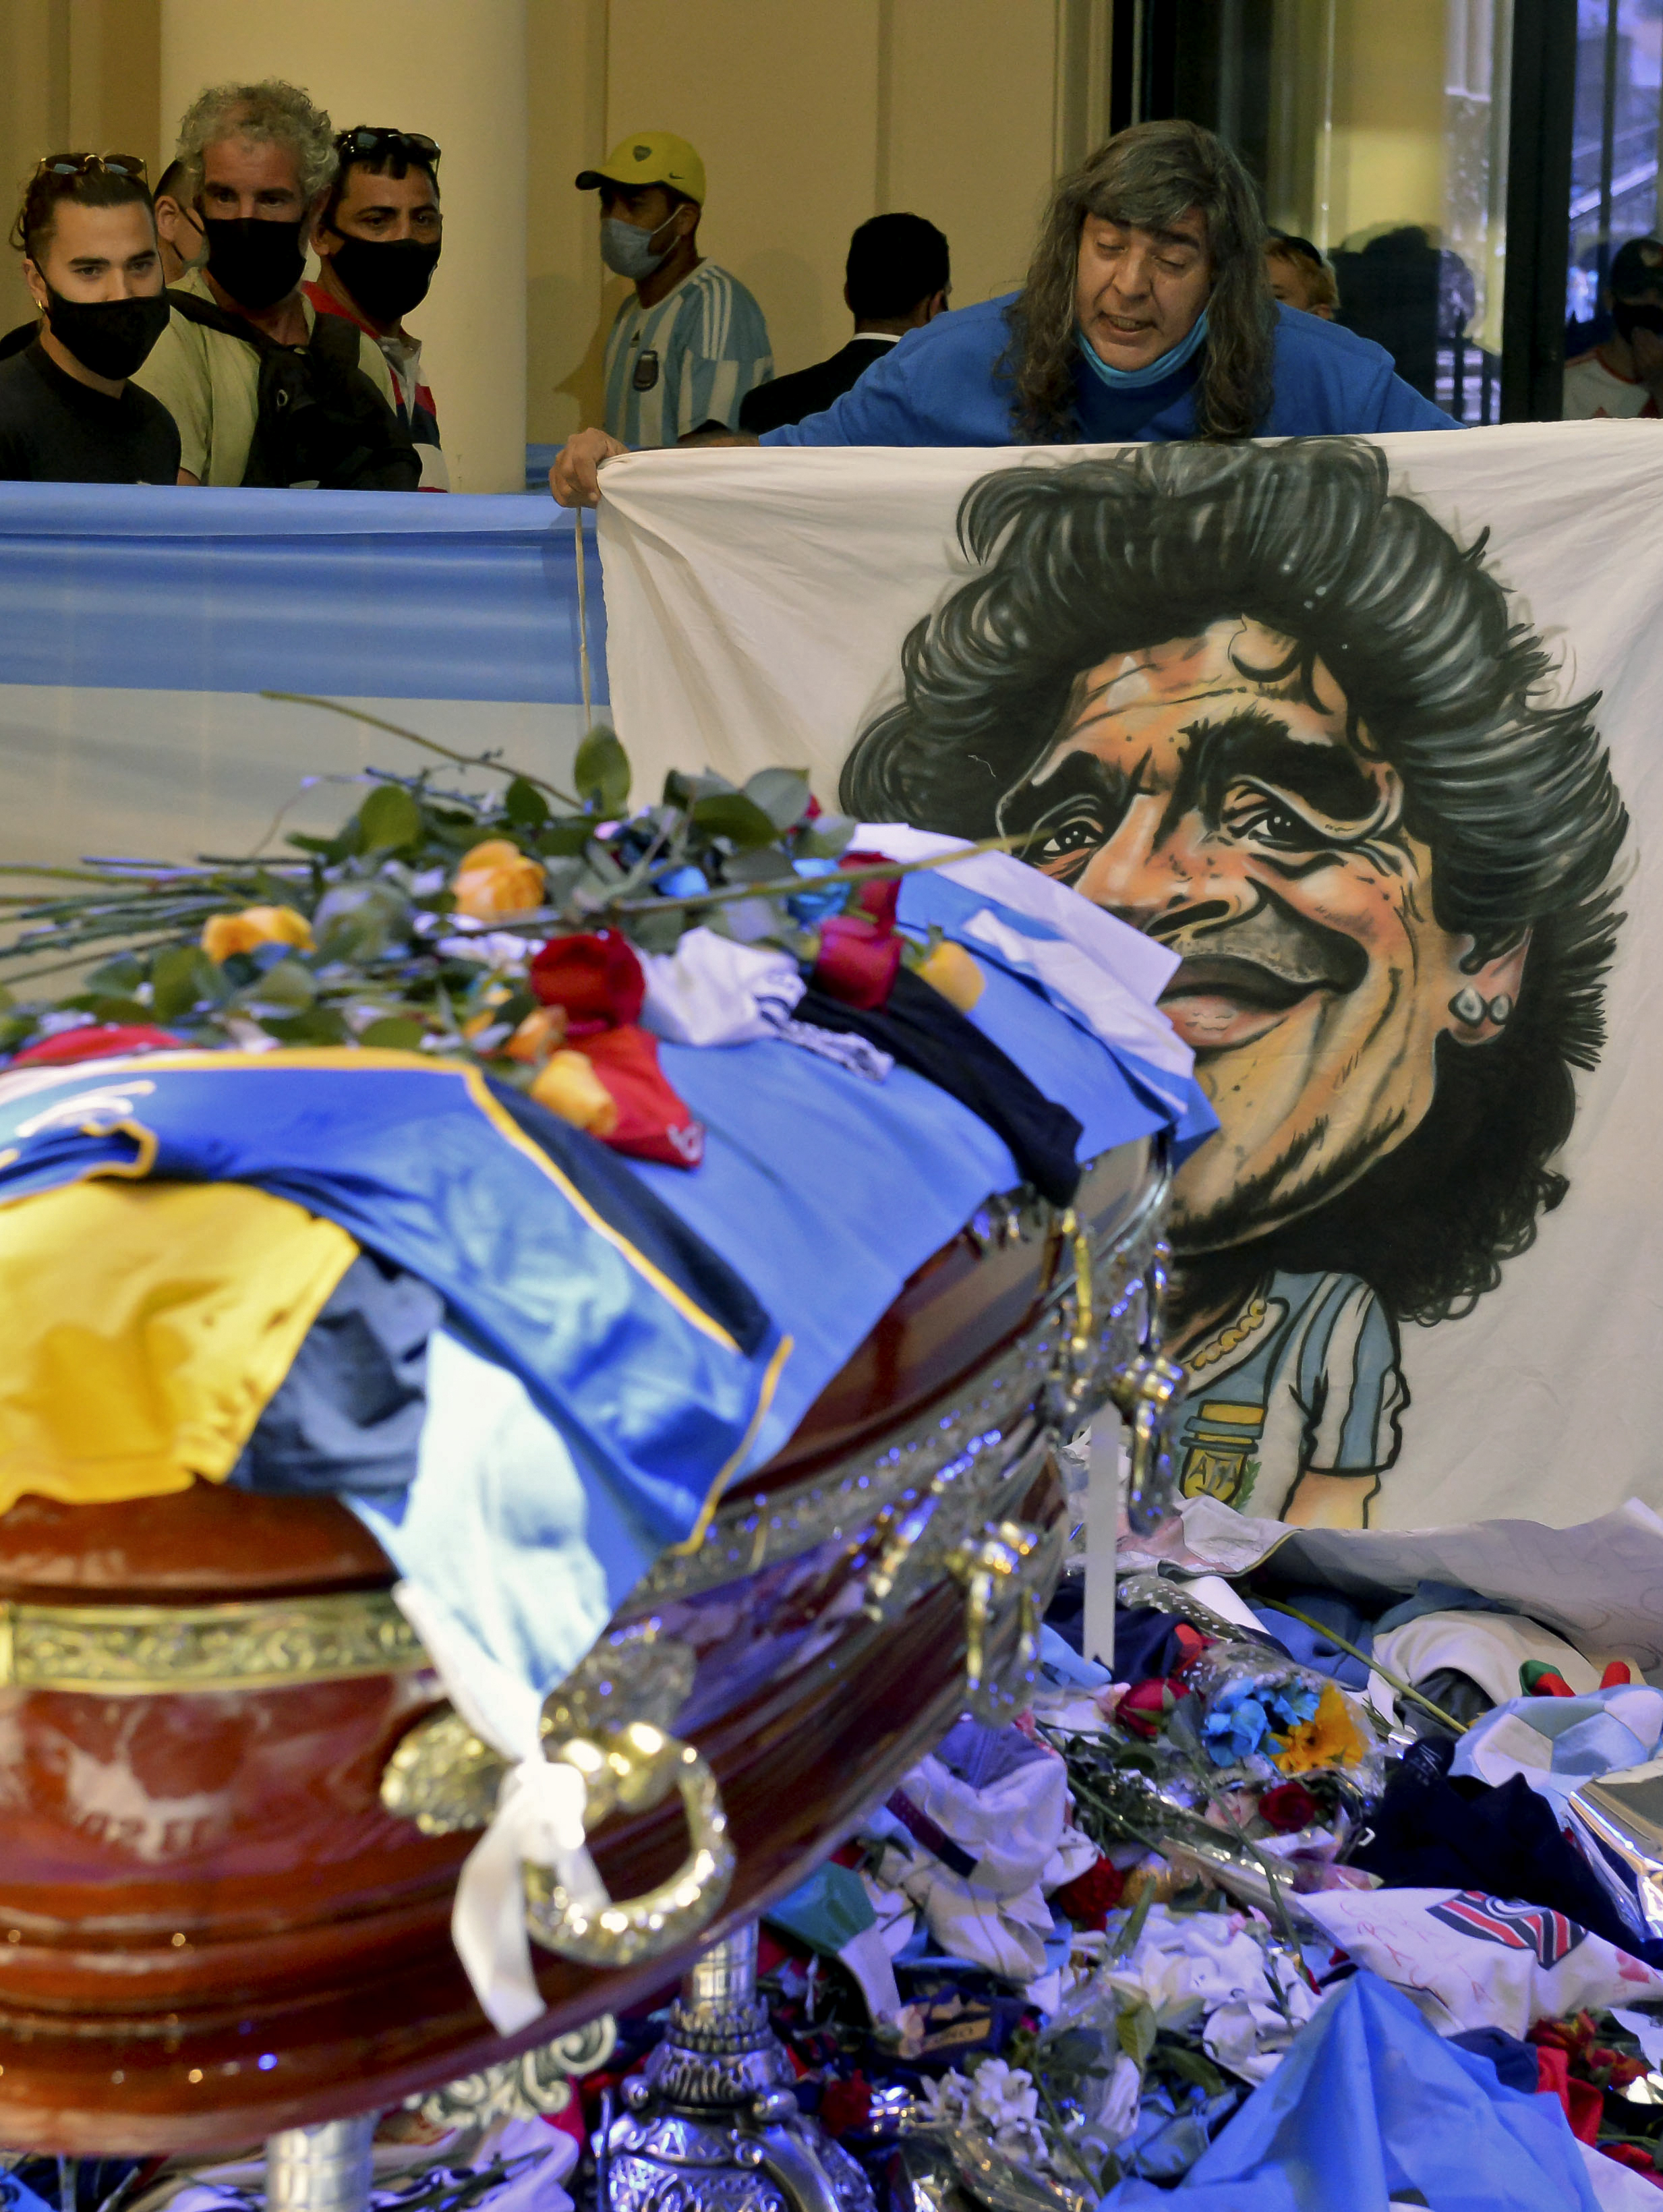 Masivo velatorio en Argentina, Nápoles de luto: el mundo entero despide a Maradona